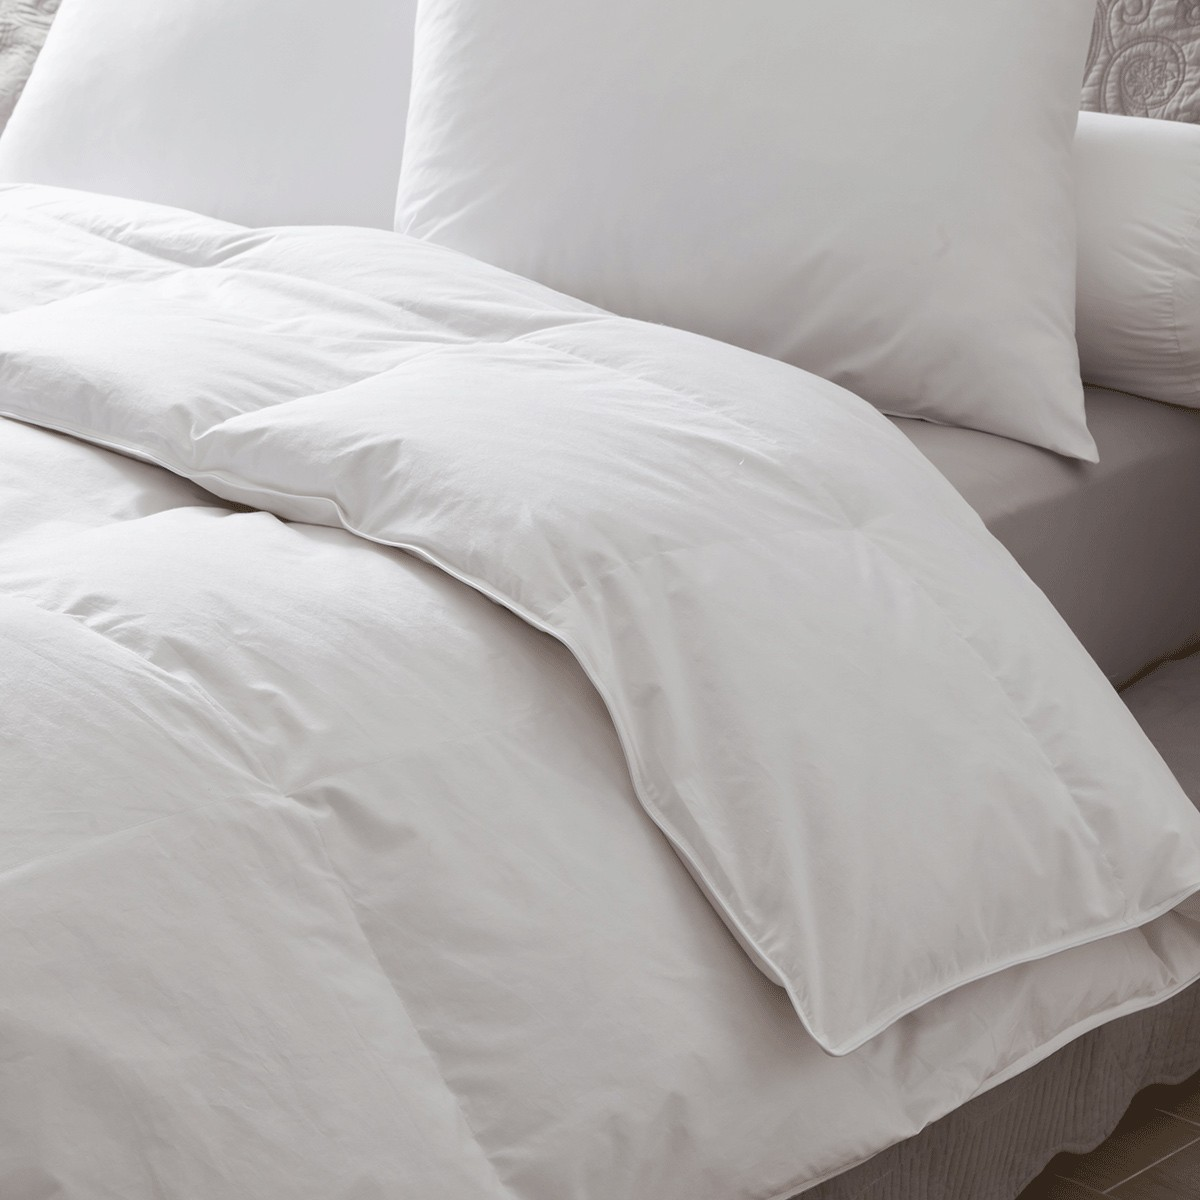 Duvet 30% Duck Down 70% Feathers | Bed linen | Tradition des Vosges